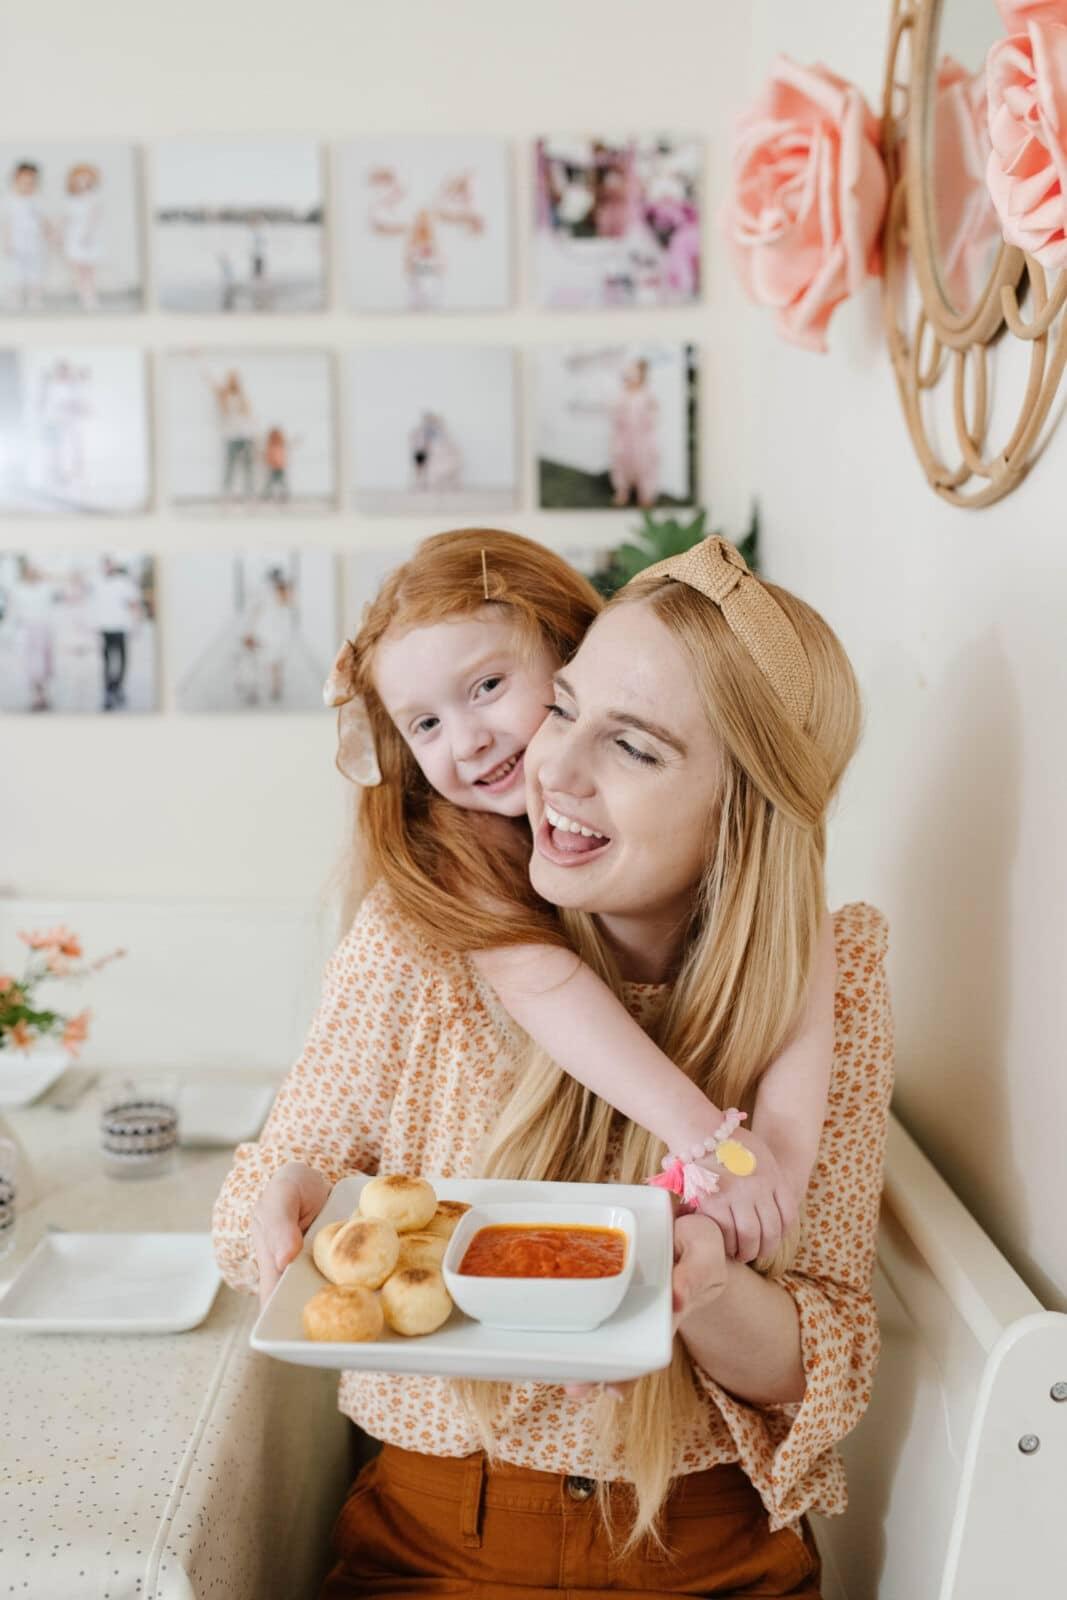 Celeste and Lila Wright